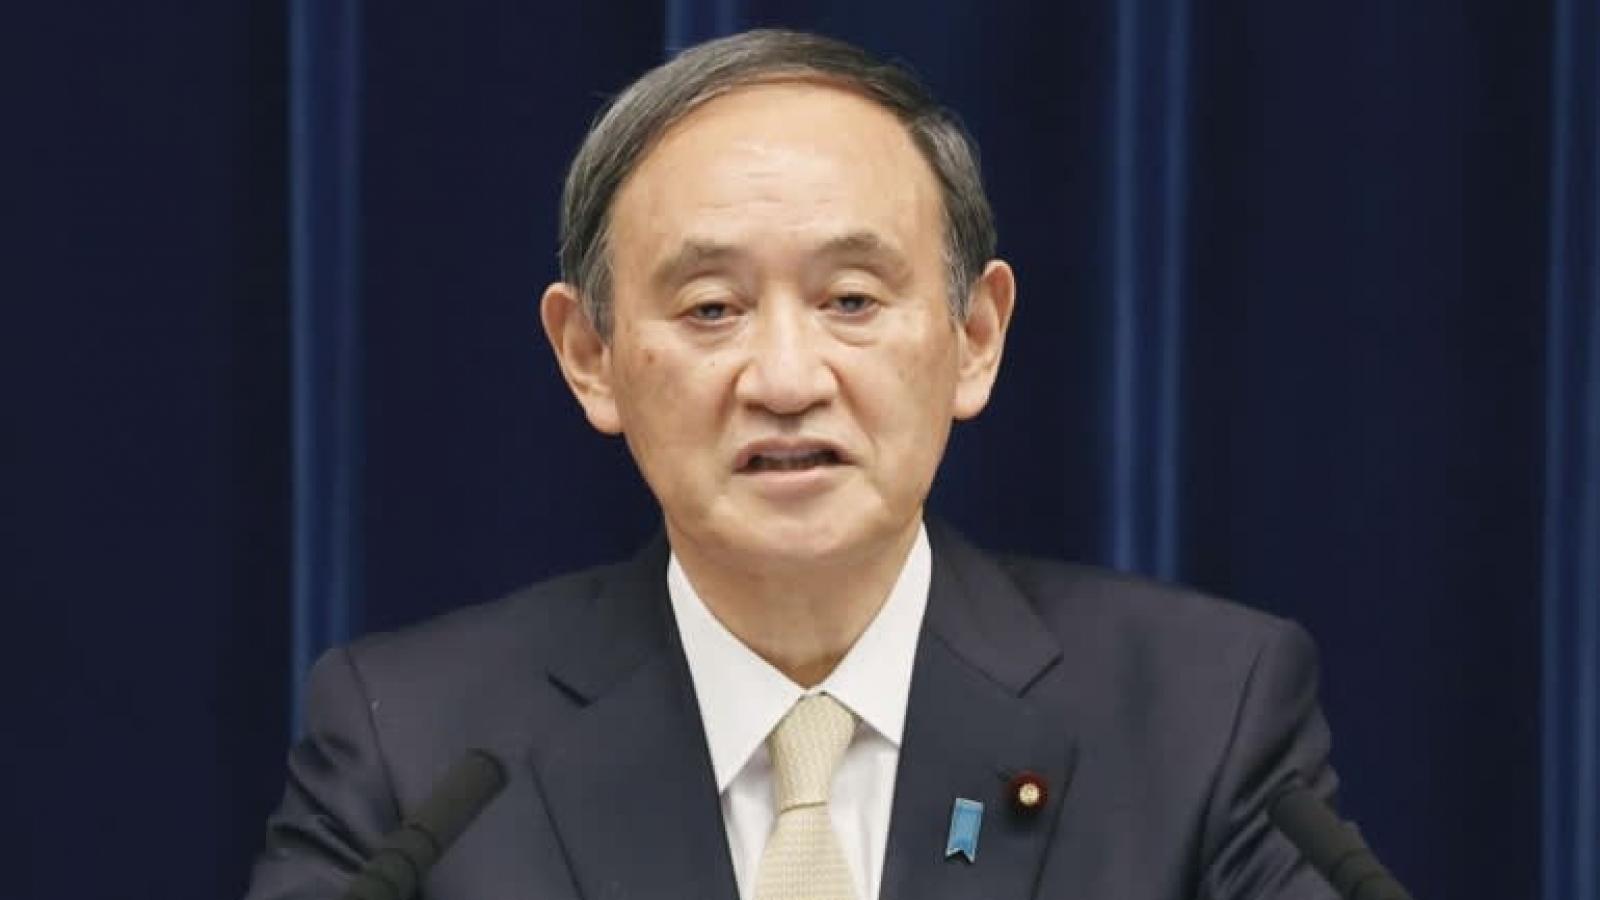 Nhật Bản chính thức áp đặt tình trạng khẩn cấp lần 3 để đối phó Covid-19